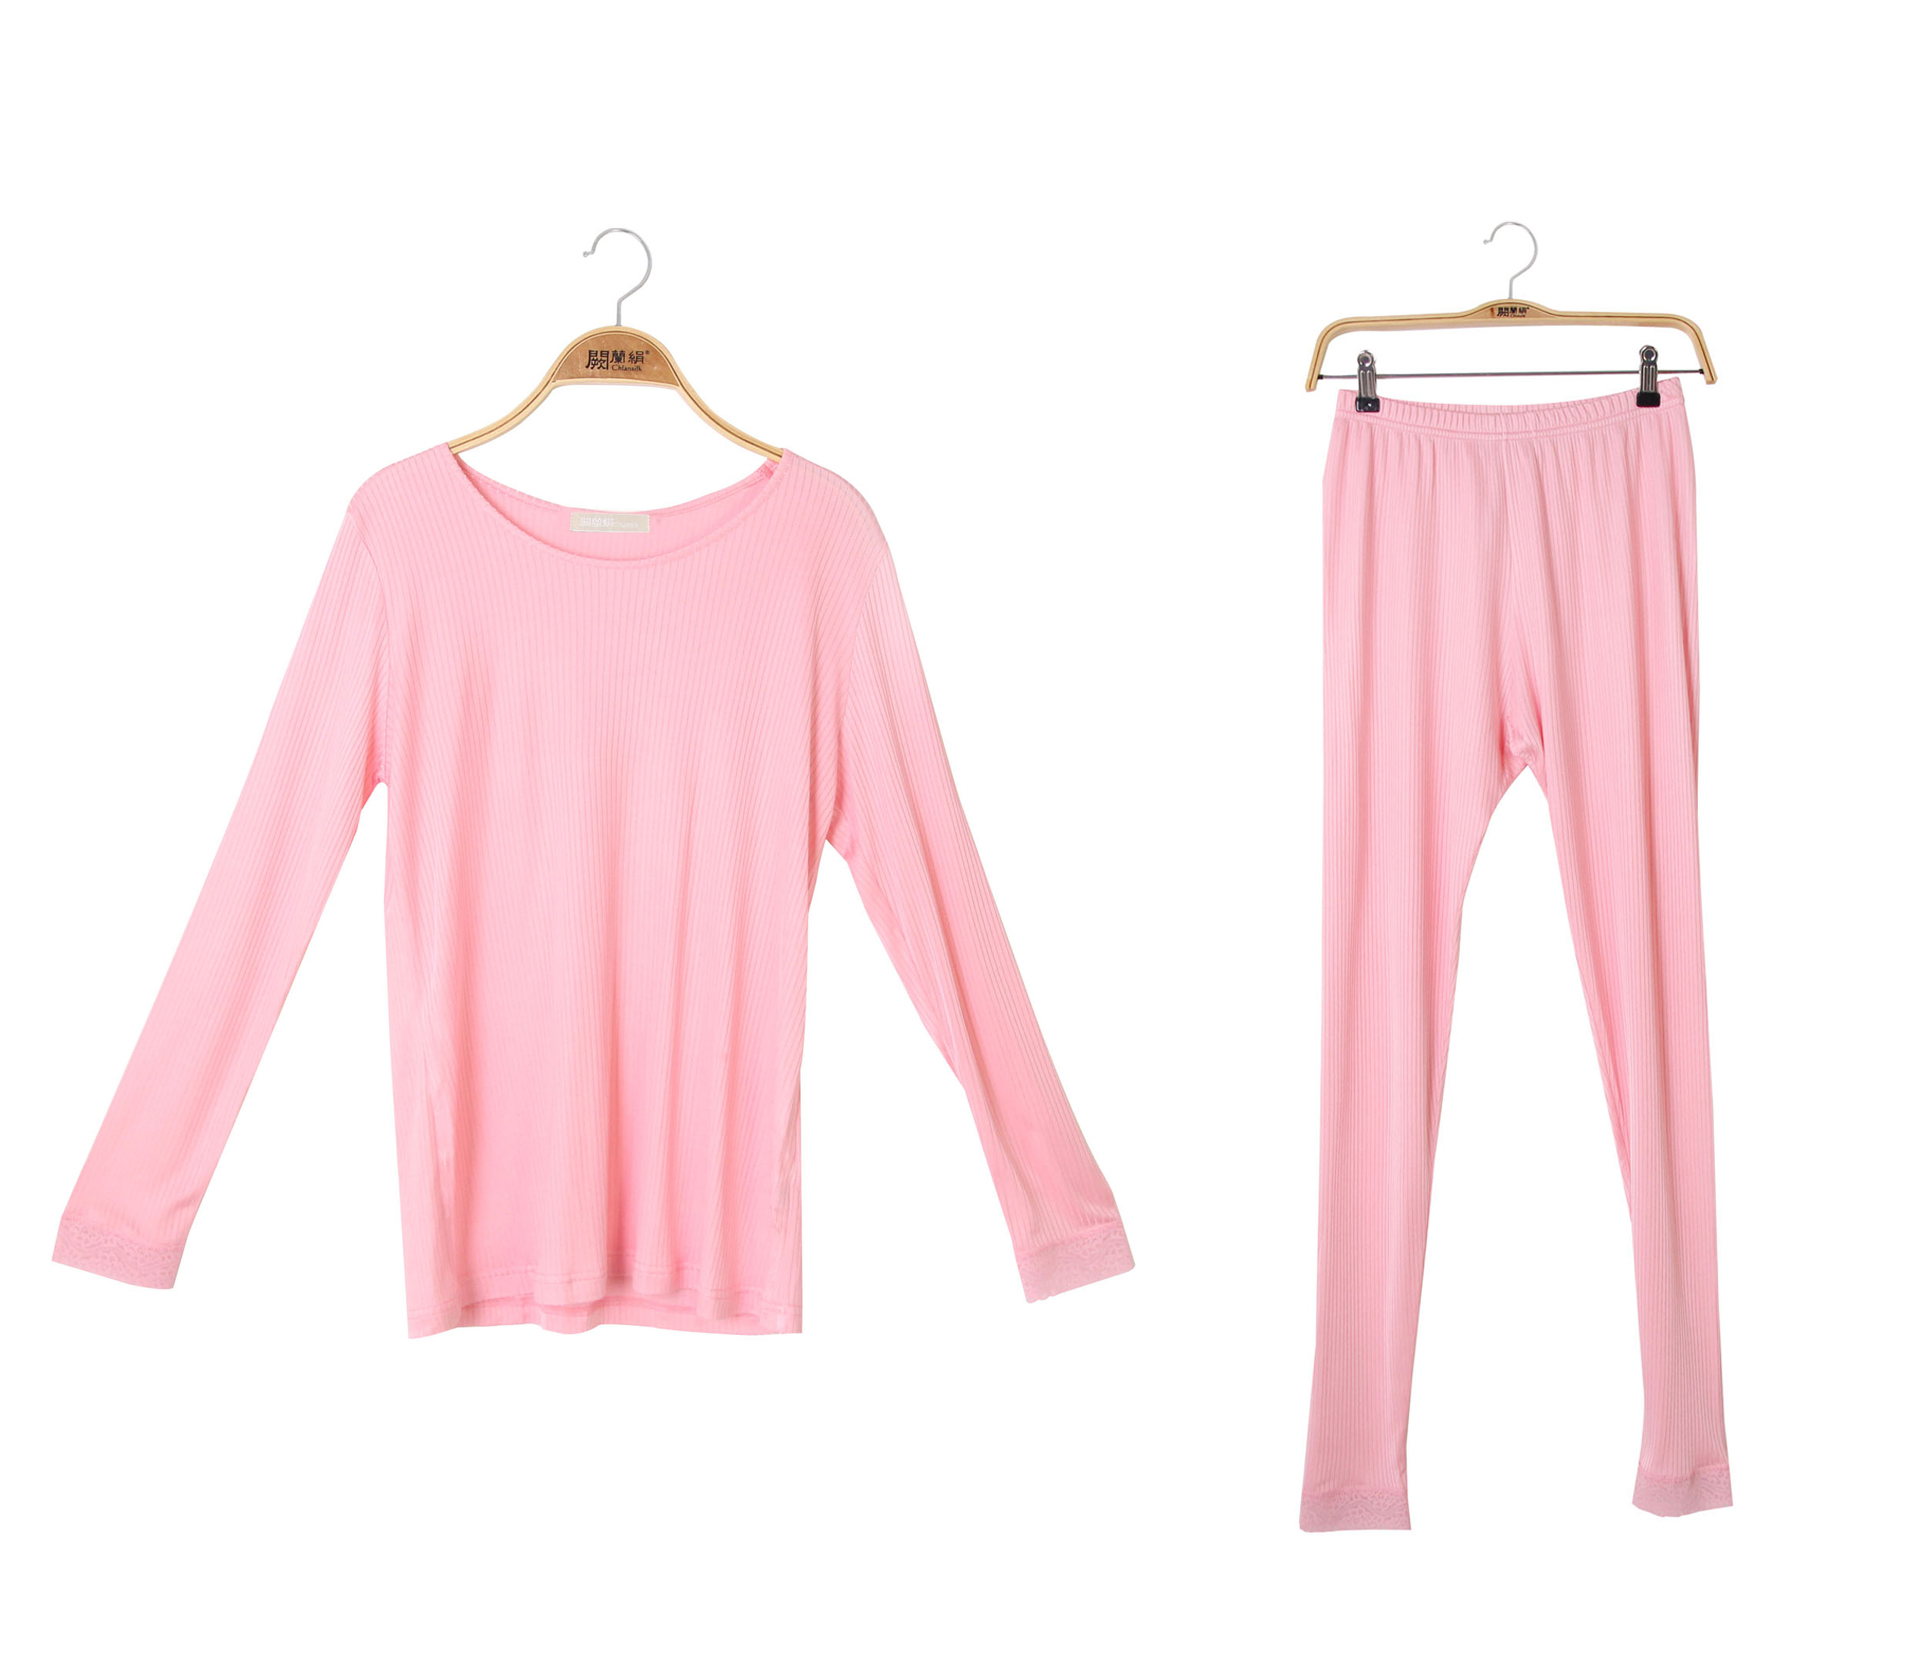 闕蘭絹舒適柔軟直條紋造型100%蠶絲睡衣褲裝 - 粉色 - 3614